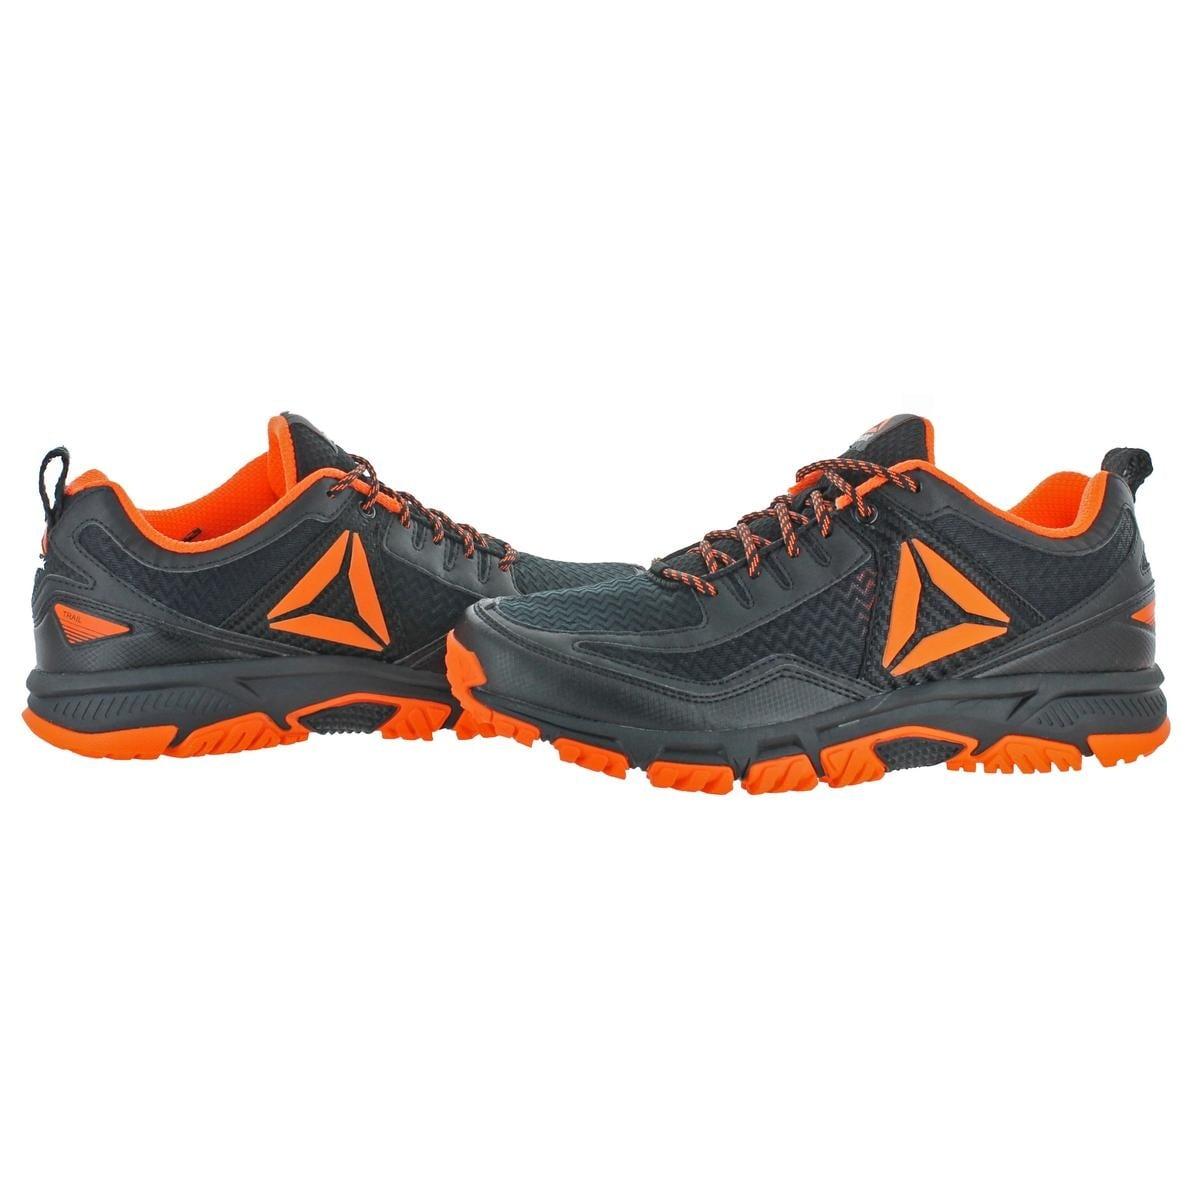 5fbc4f5f0110 Shop Reebok Mens Ridgerider Trail 2 MT Hiking